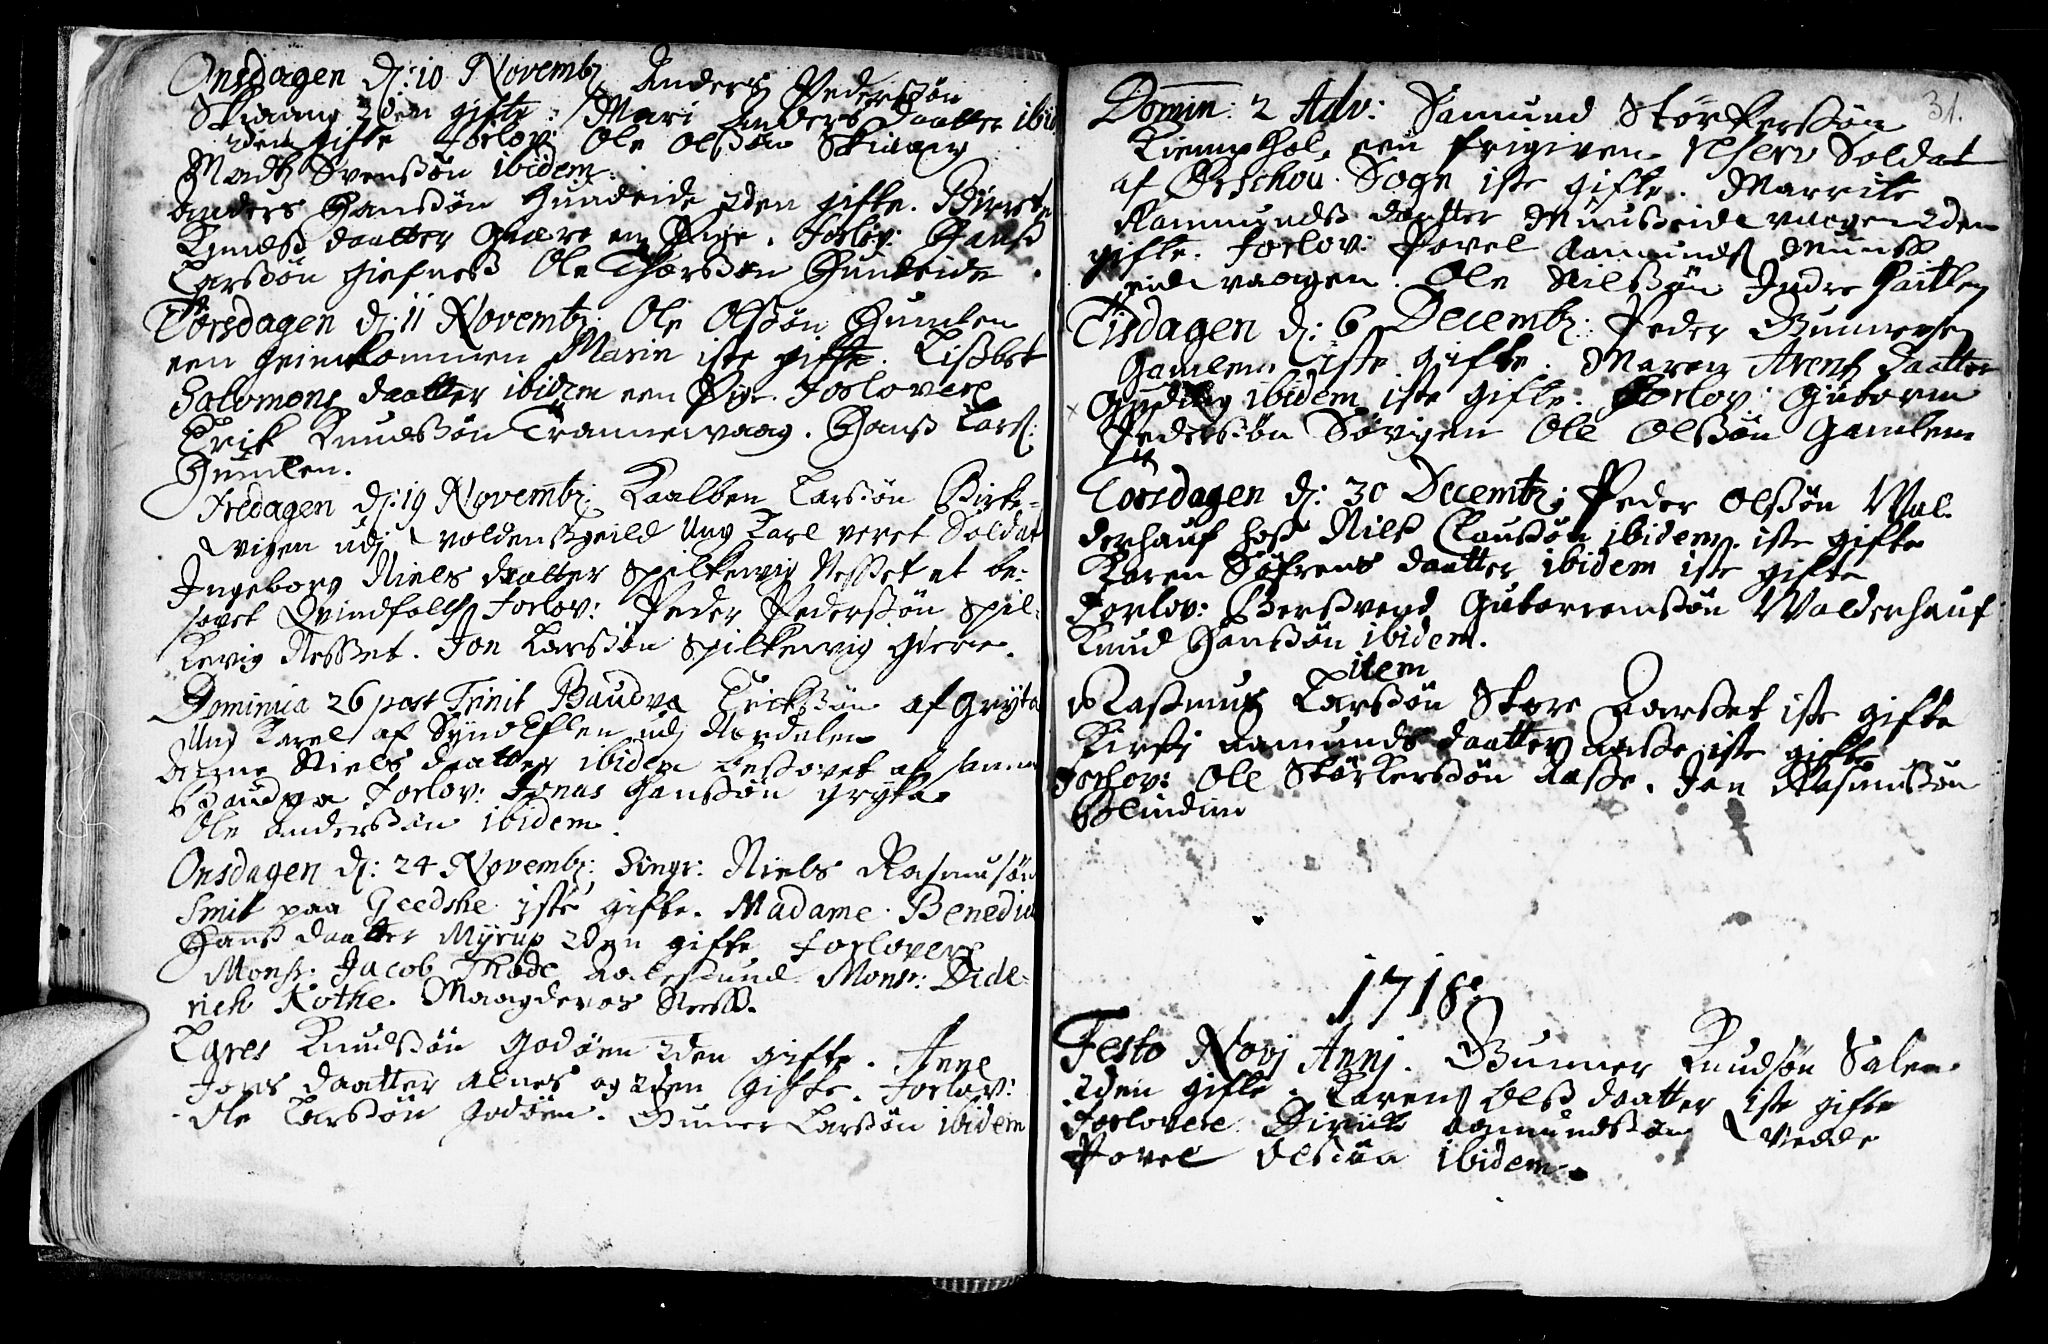 SAT, Ministerialprotokoller, klokkerbøker og fødselsregistre - Møre og Romsdal, 528/L0390: Ministerialbok nr. 528A01, 1698-1739, s. 30-31